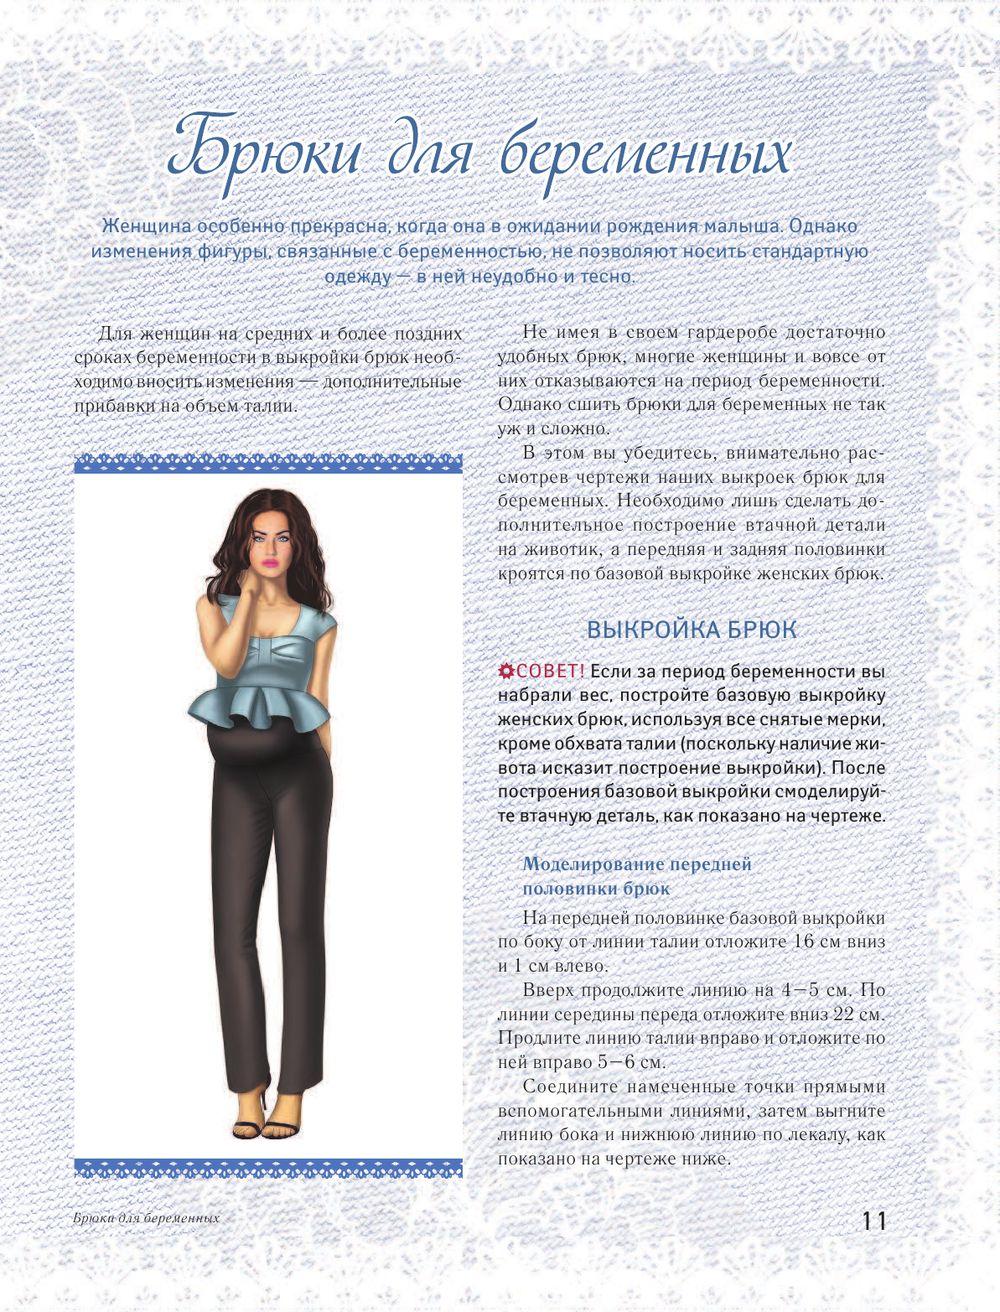 Выкройка женских брюк от анастасии корфиати